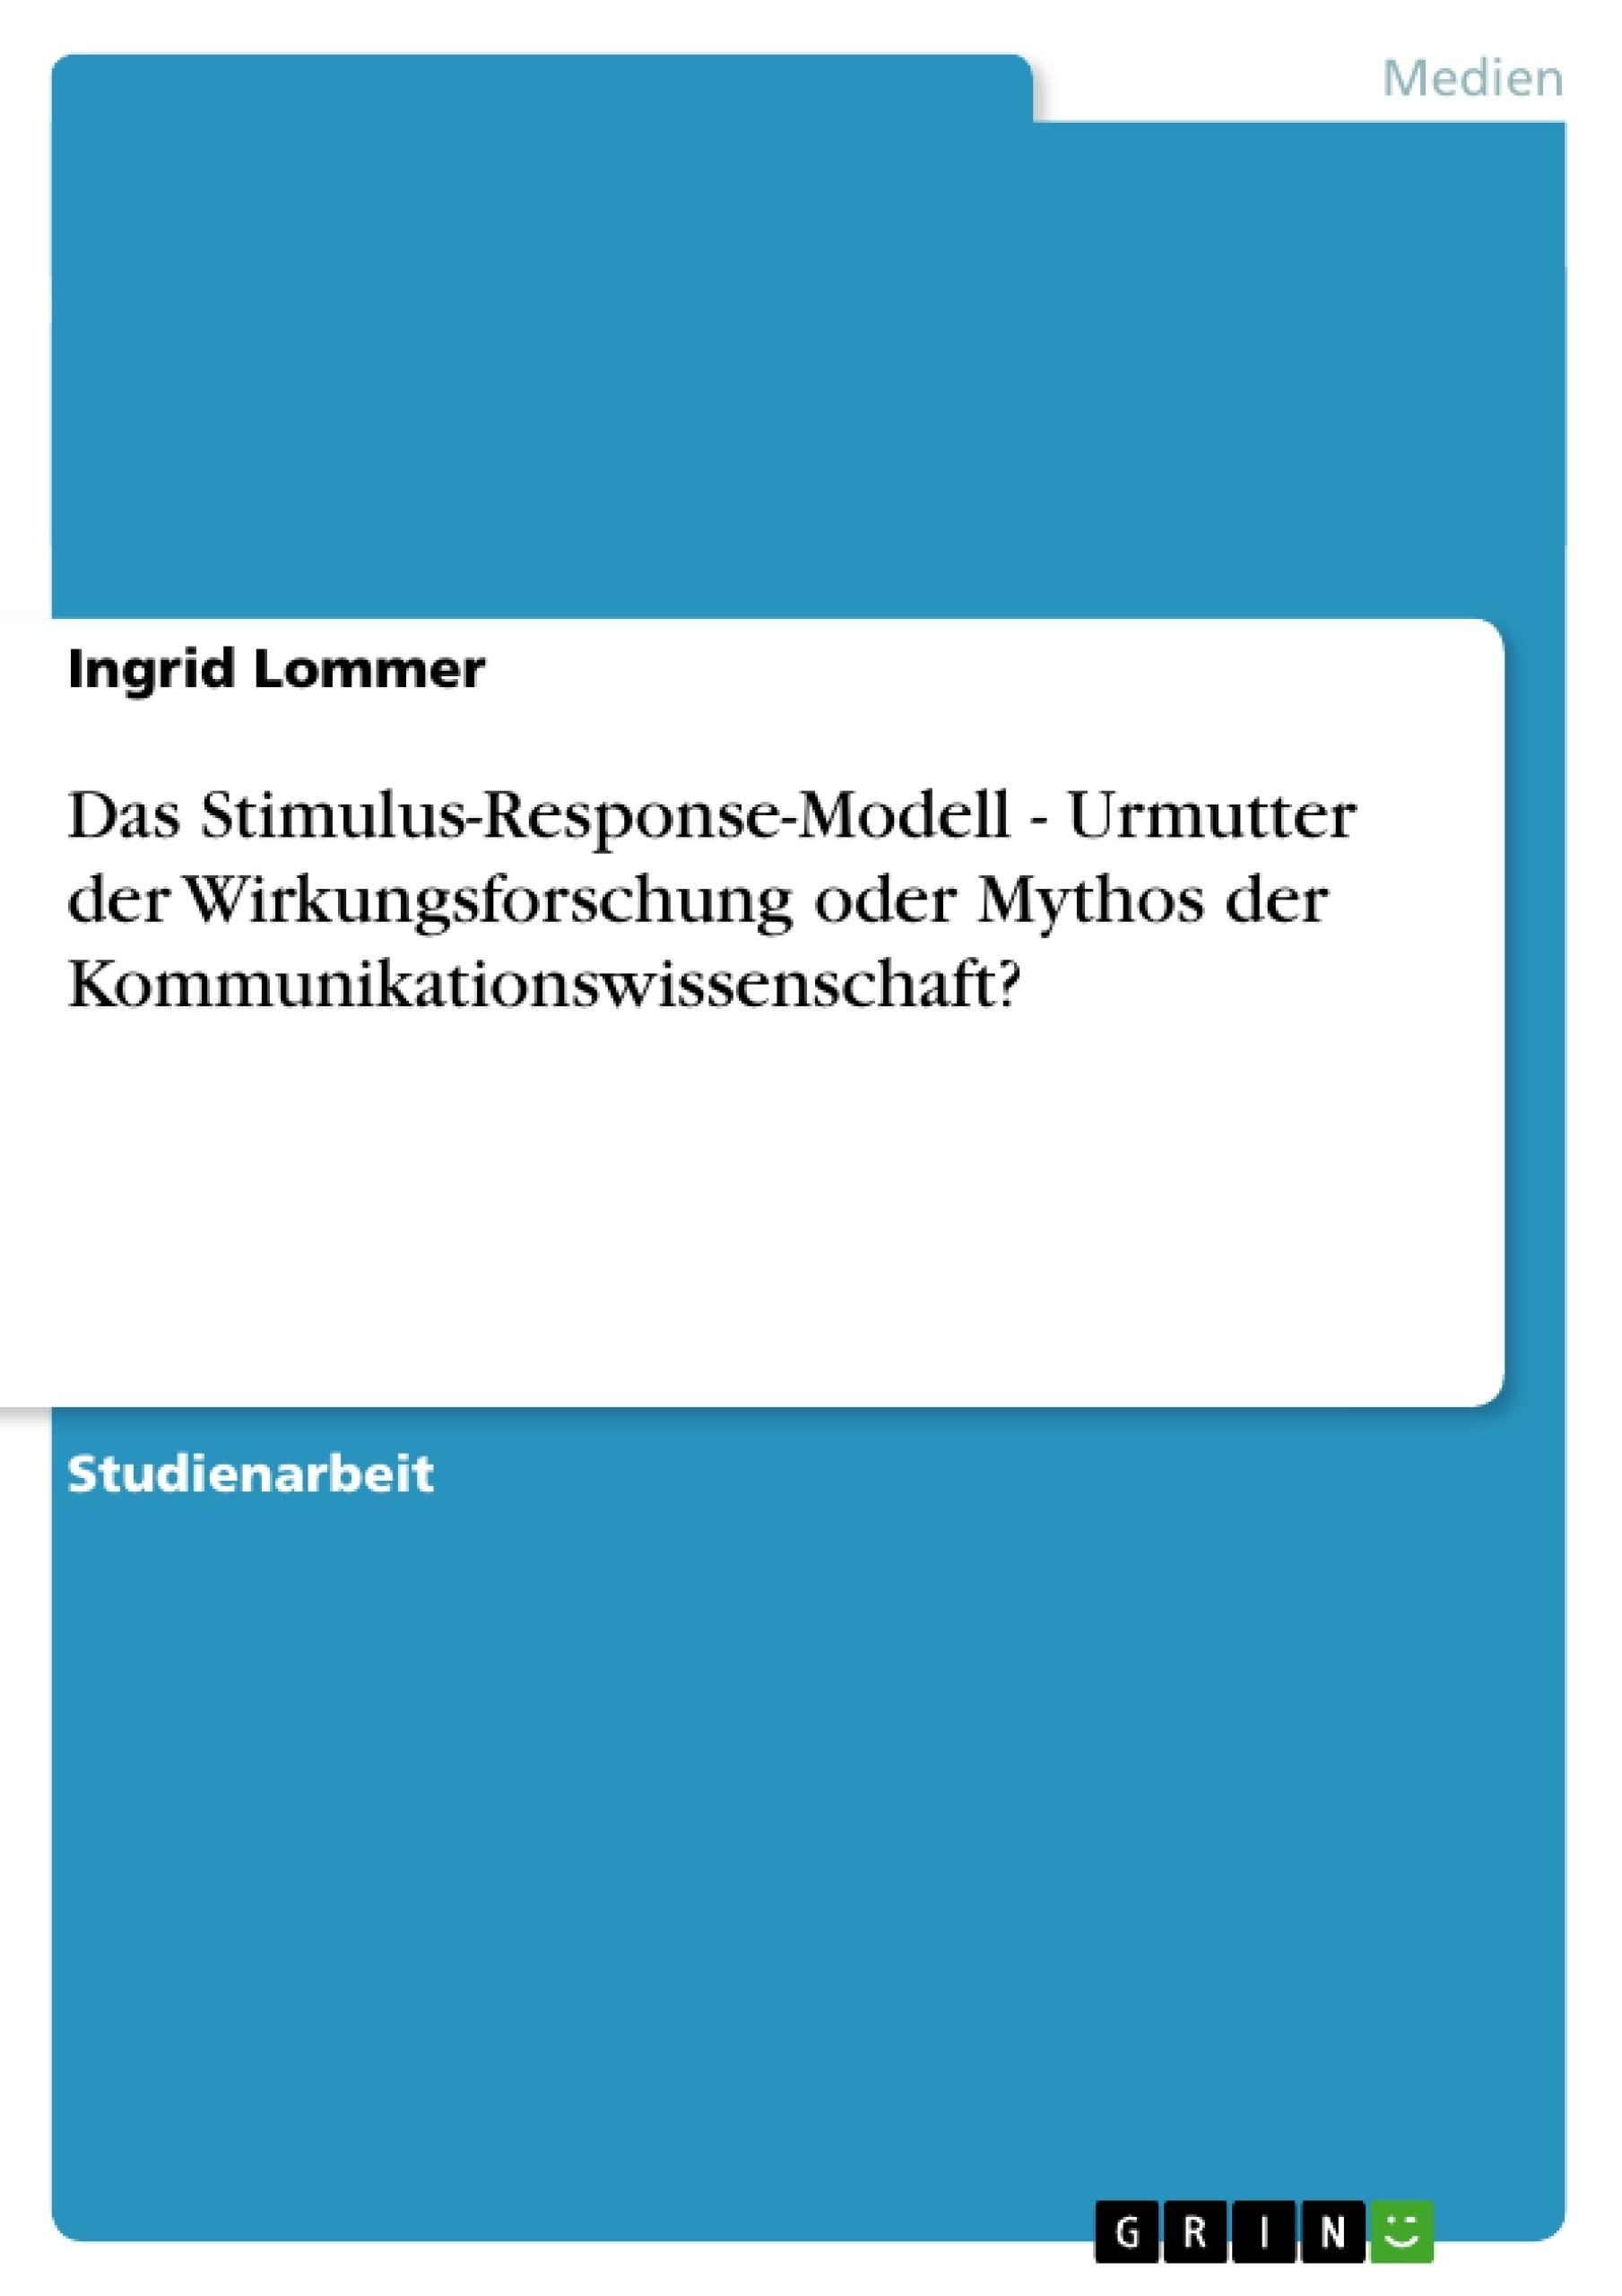 Titel: Das Stimulus-Response-Modell - Urmutter der Wirkungsforschung oder Mythos der Kommunikationswissenschaft?